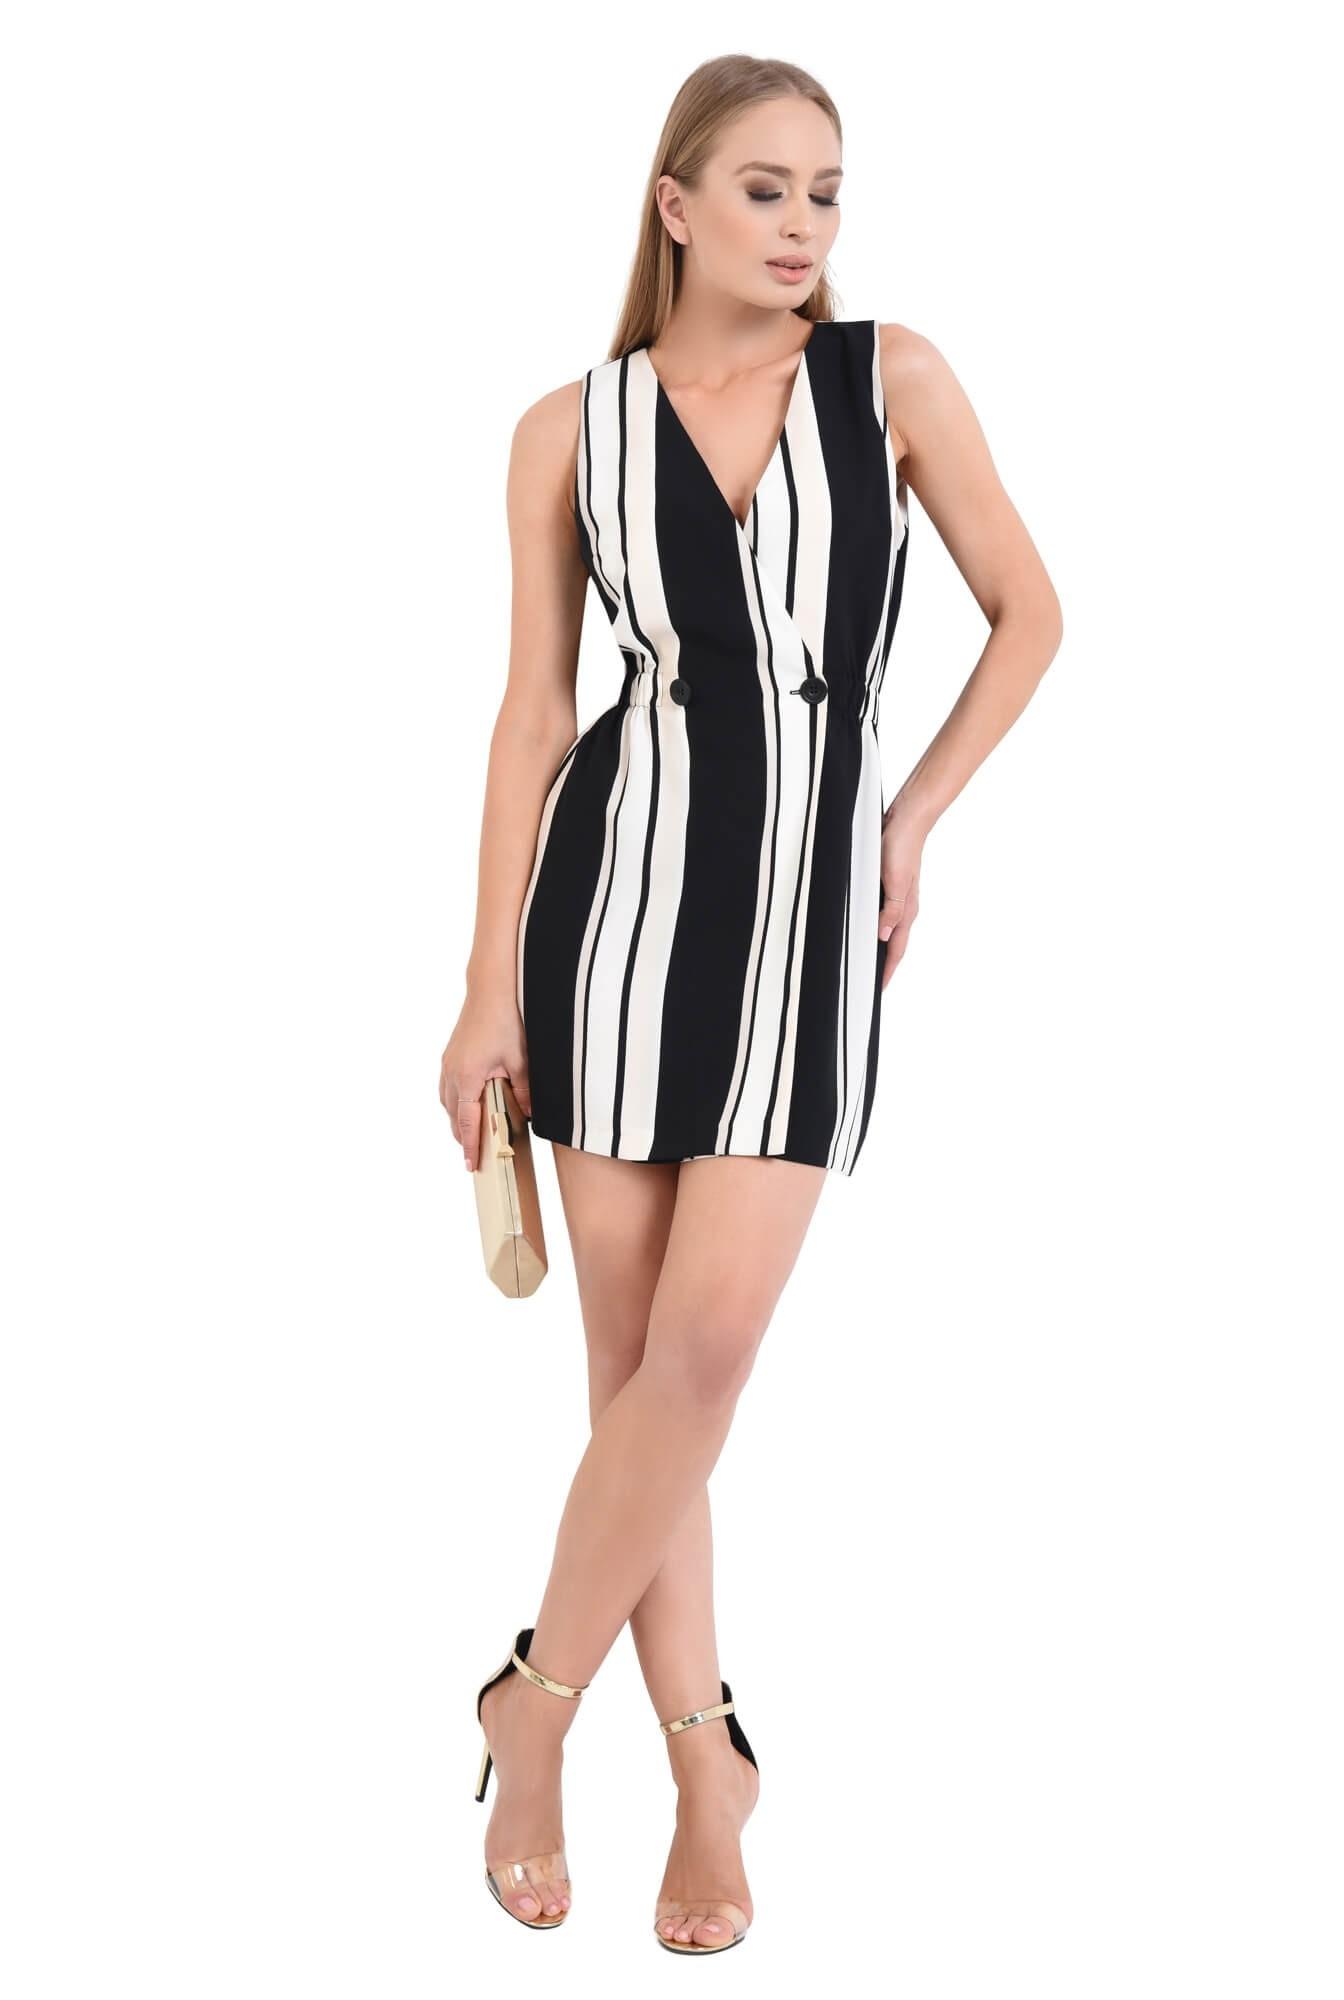 rochie eleganta, cu imprimeu, dungi, alb-negru, scurta, rochie de ocazie